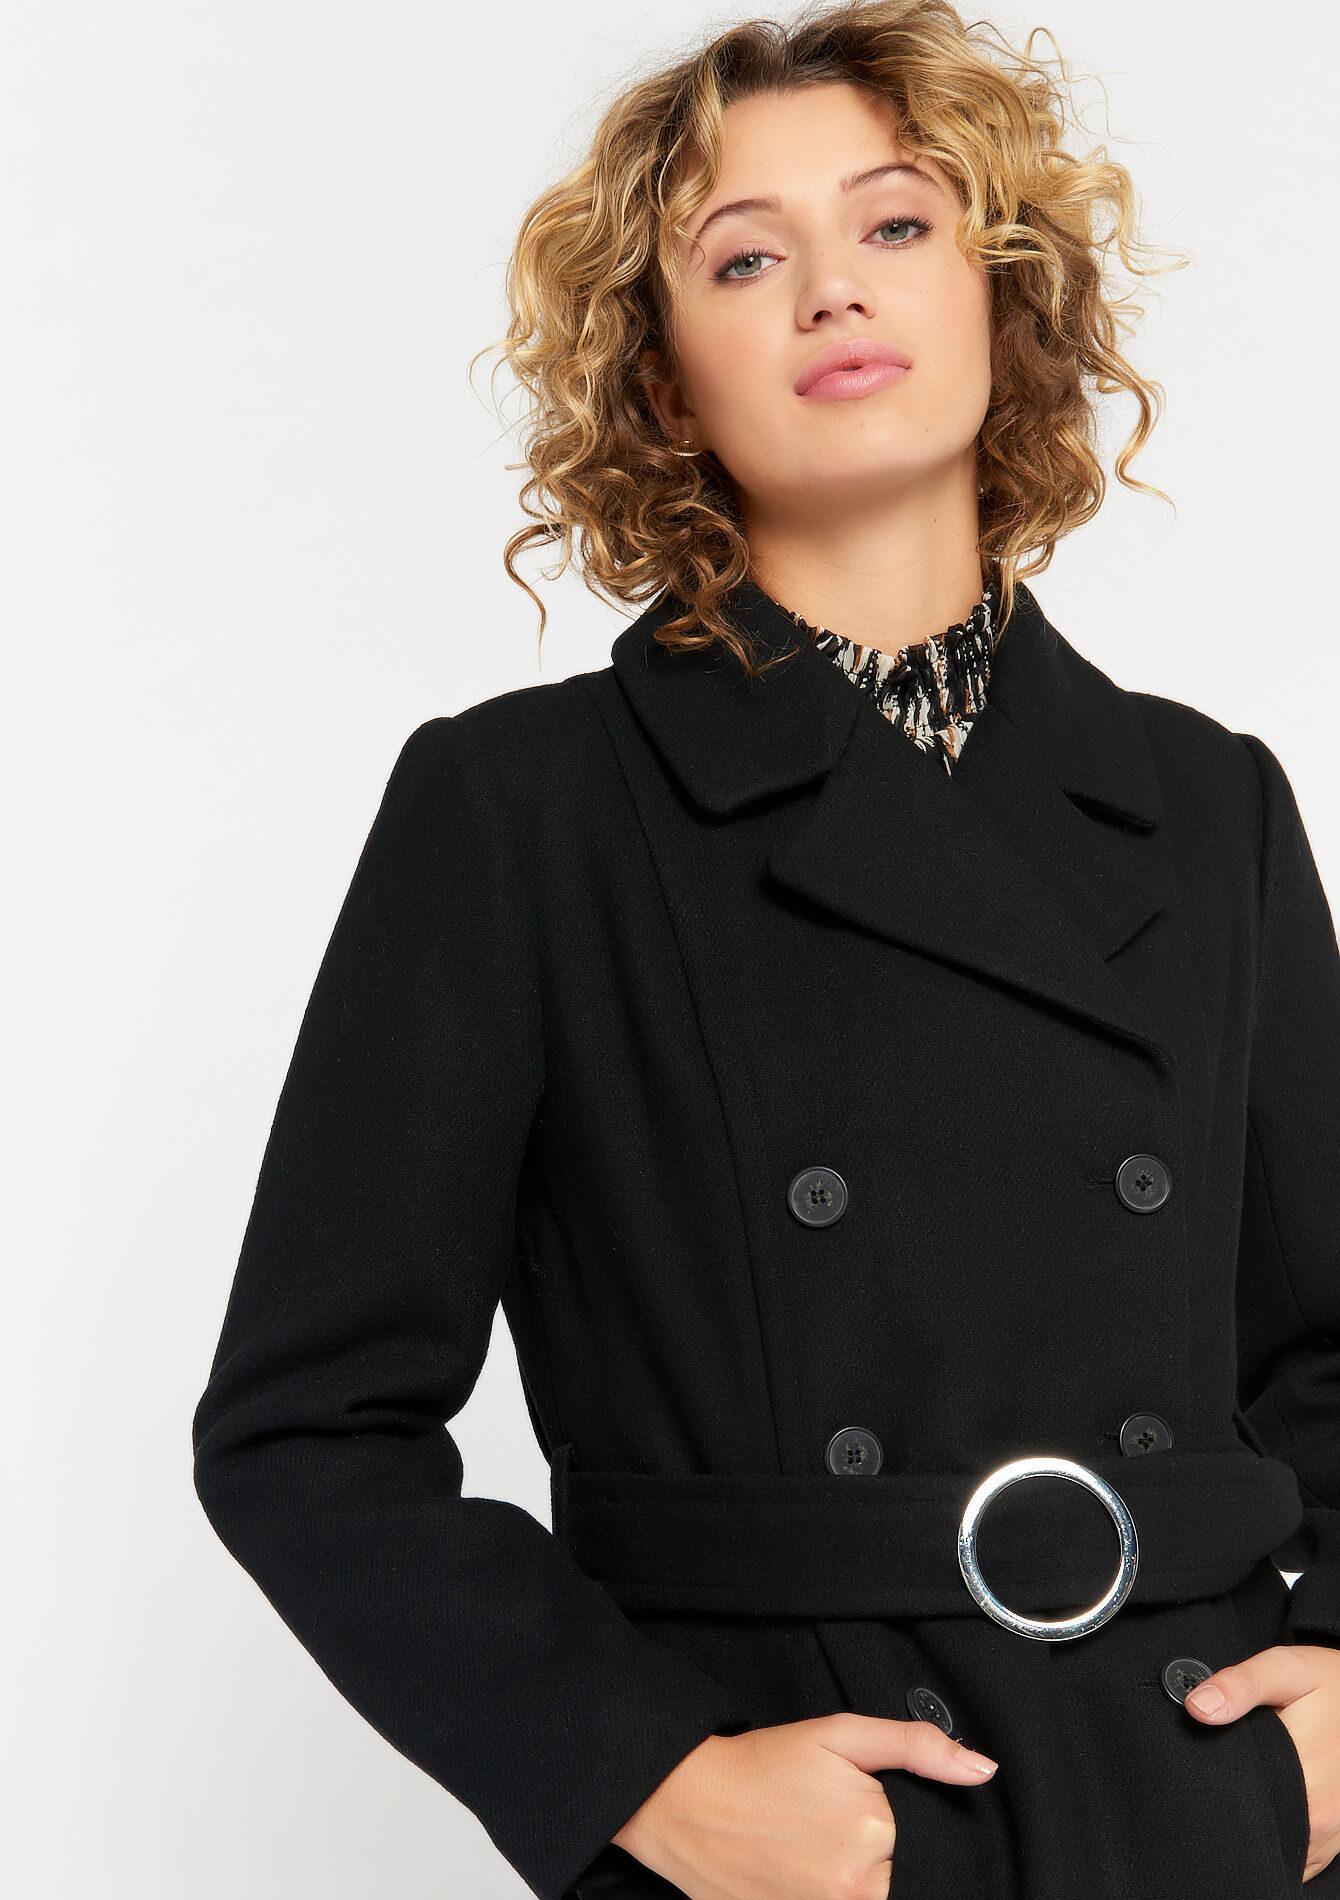 شیک ترین مدل پالتو زنانه با پارچه فوتر